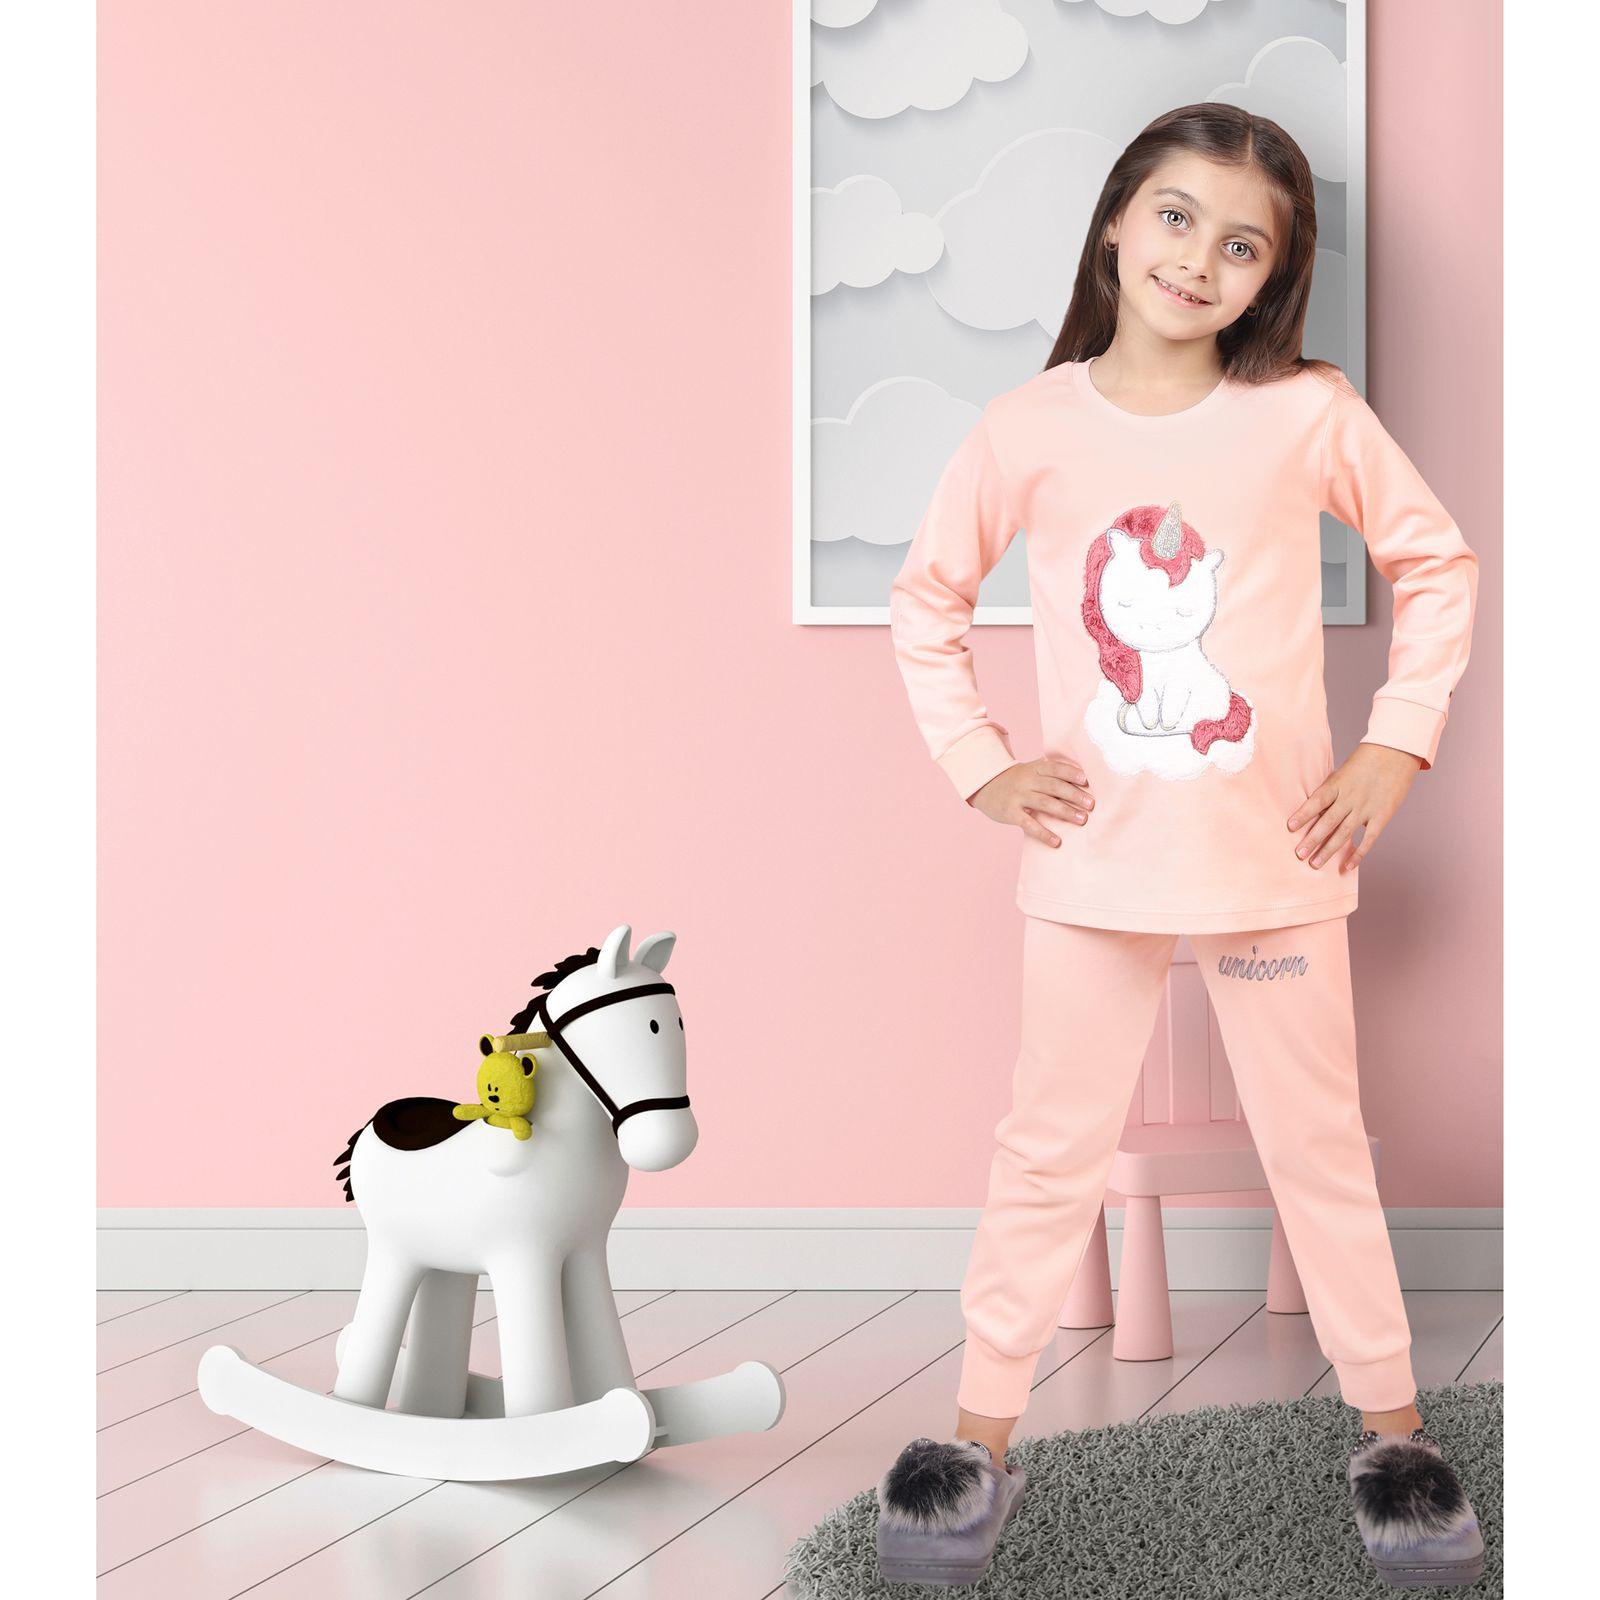 ست تی شرت و شلوار دخترانه مادر مدل 303-80 main 1 8